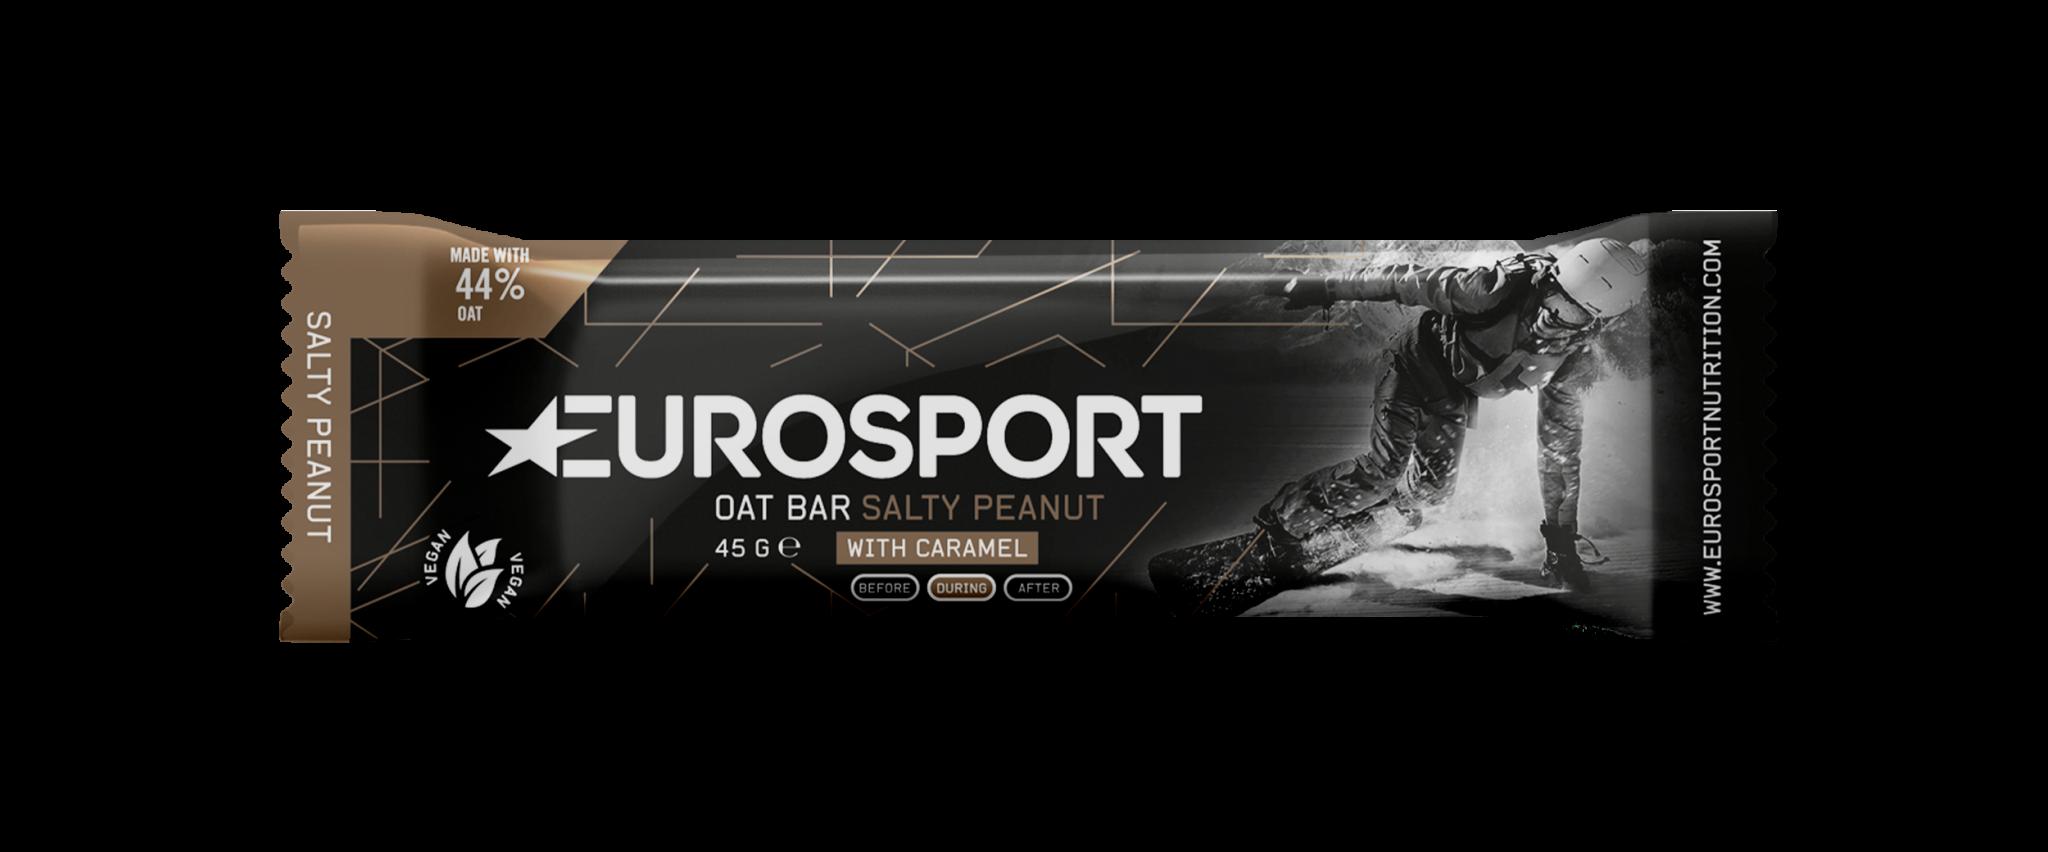 Eurosport - Oat Bar Salty Peanut - Reep- 3D